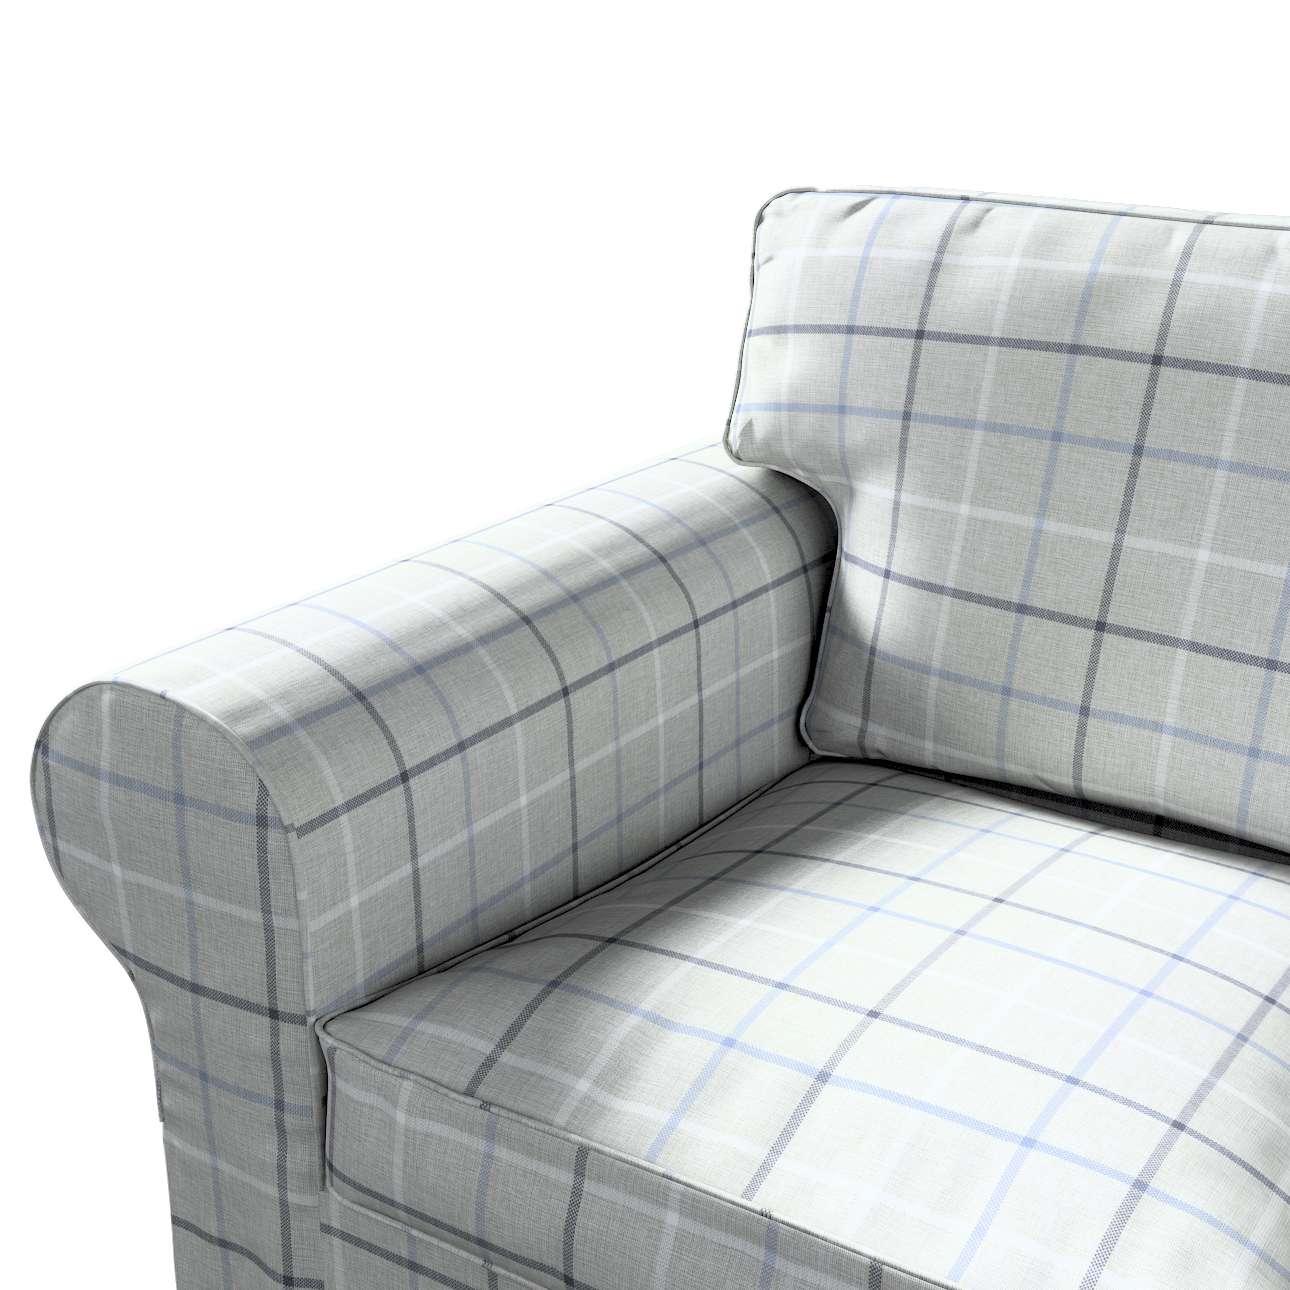 Pokrowiec na sofę Ektorp 2-osobową, rozkładaną, model do 2012 w kolekcji Edinburgh, tkanina: 703-18